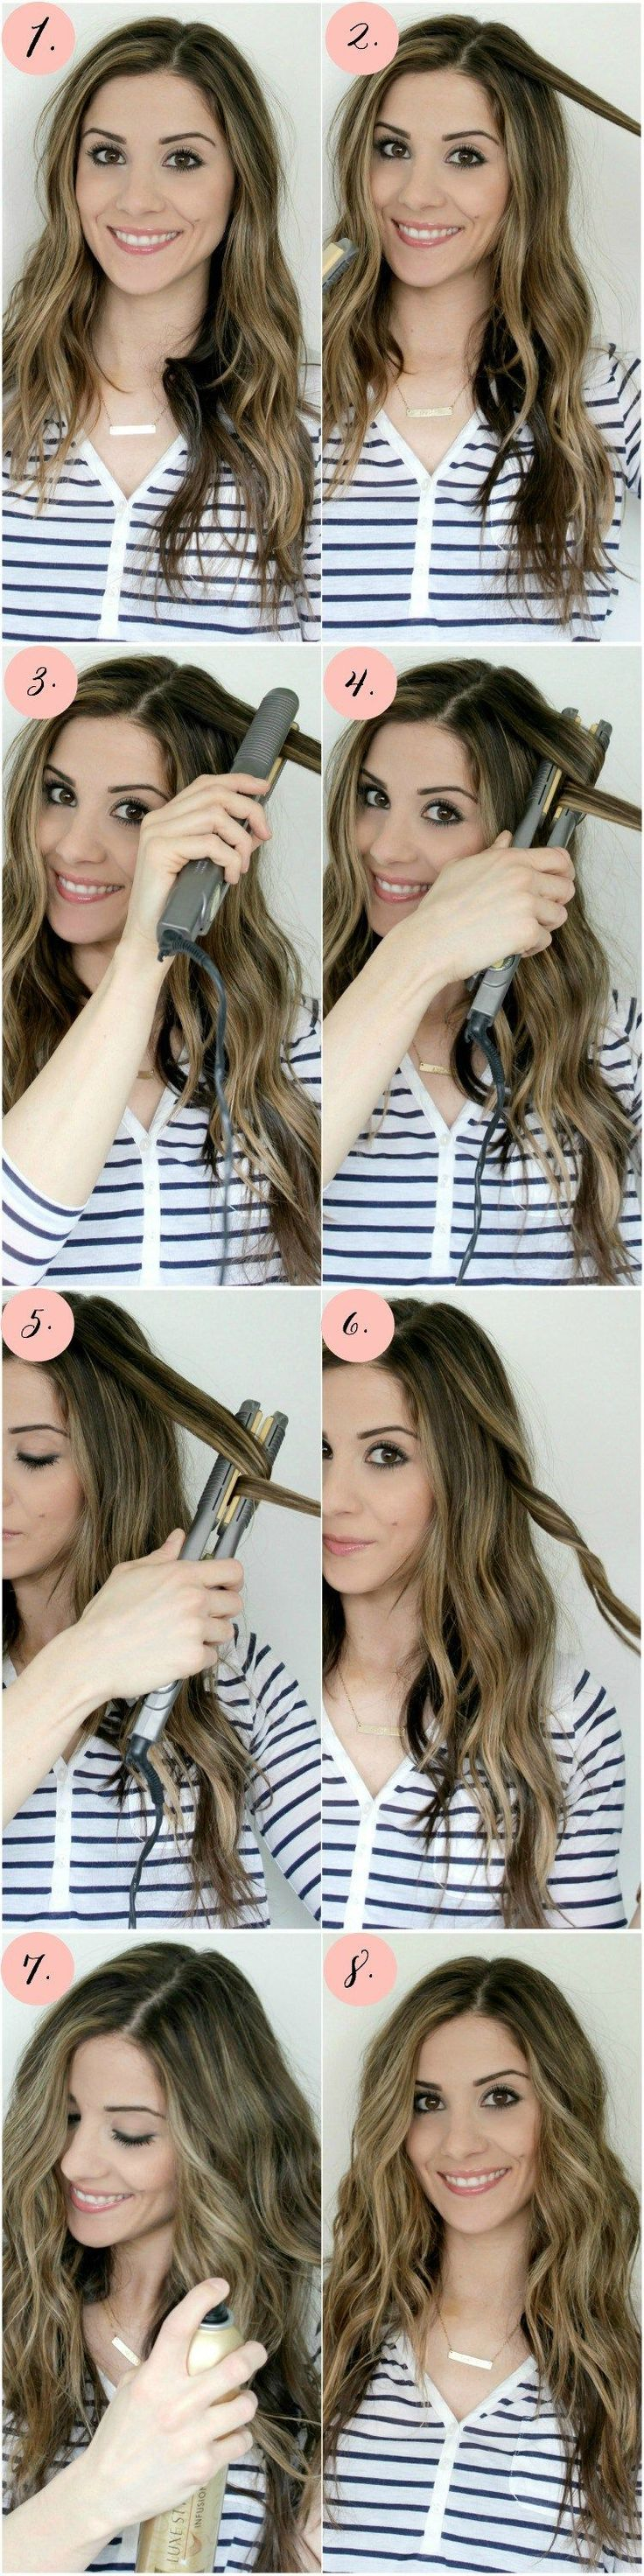 Best 25 Flat Iron Hairstyles Ideas On Pinterest